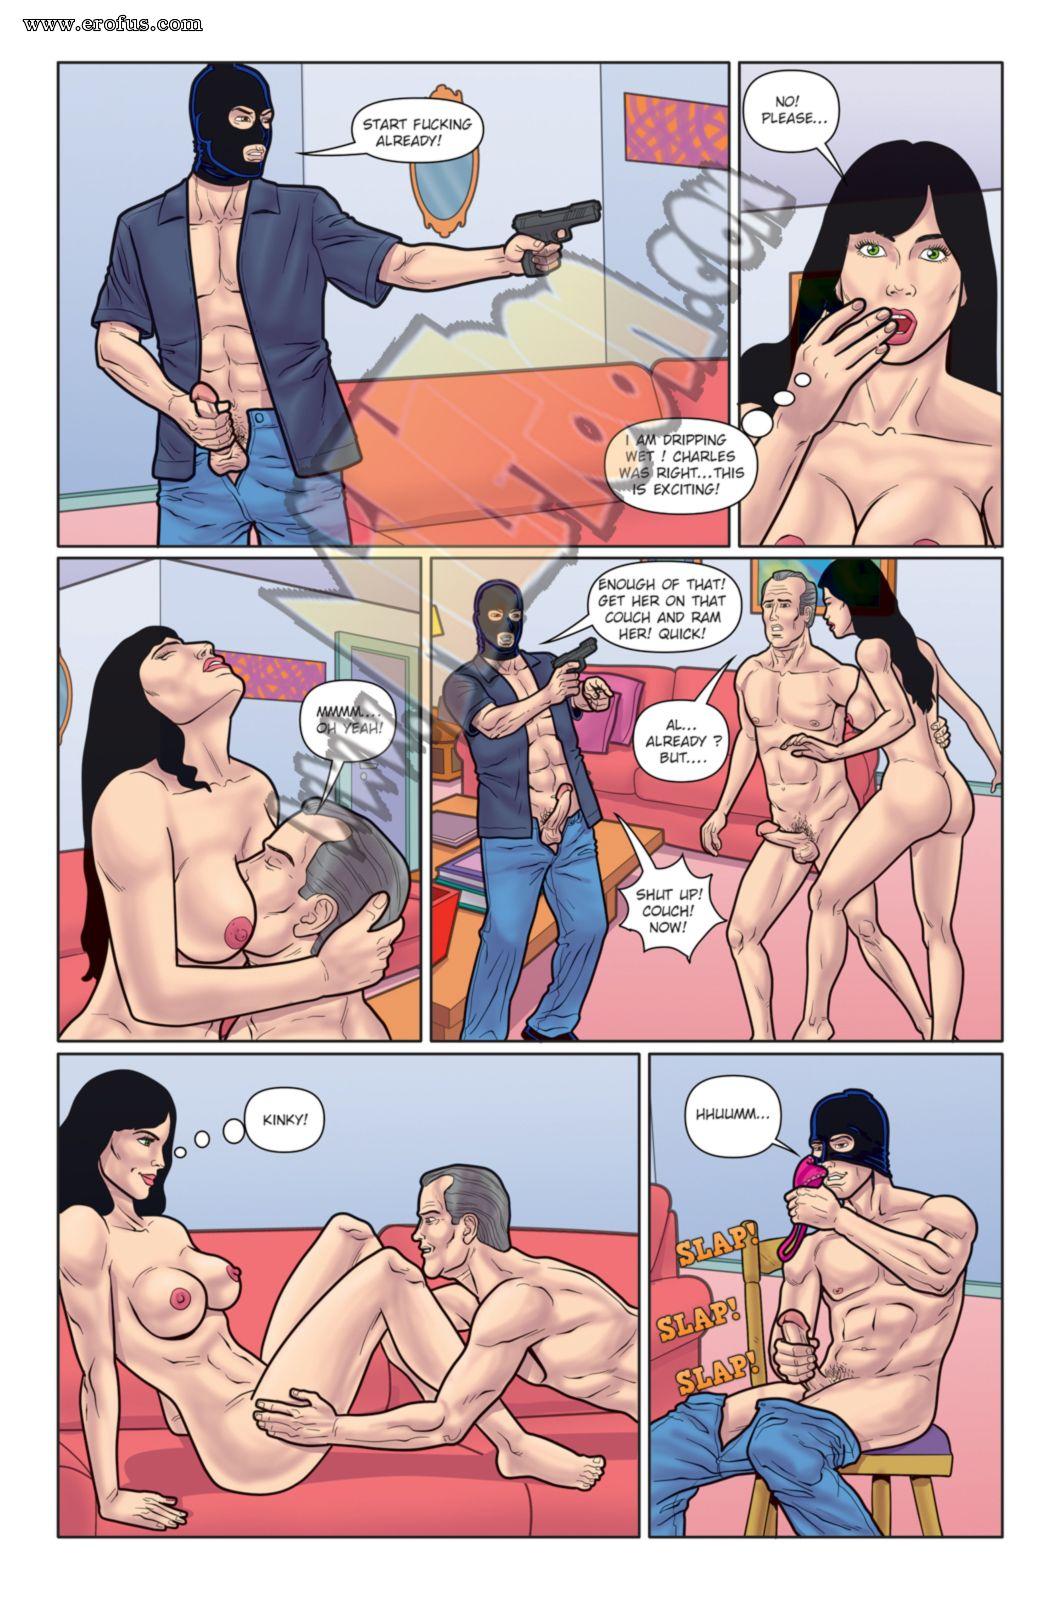 картинки порно комиксы на русском № 663025 без смс